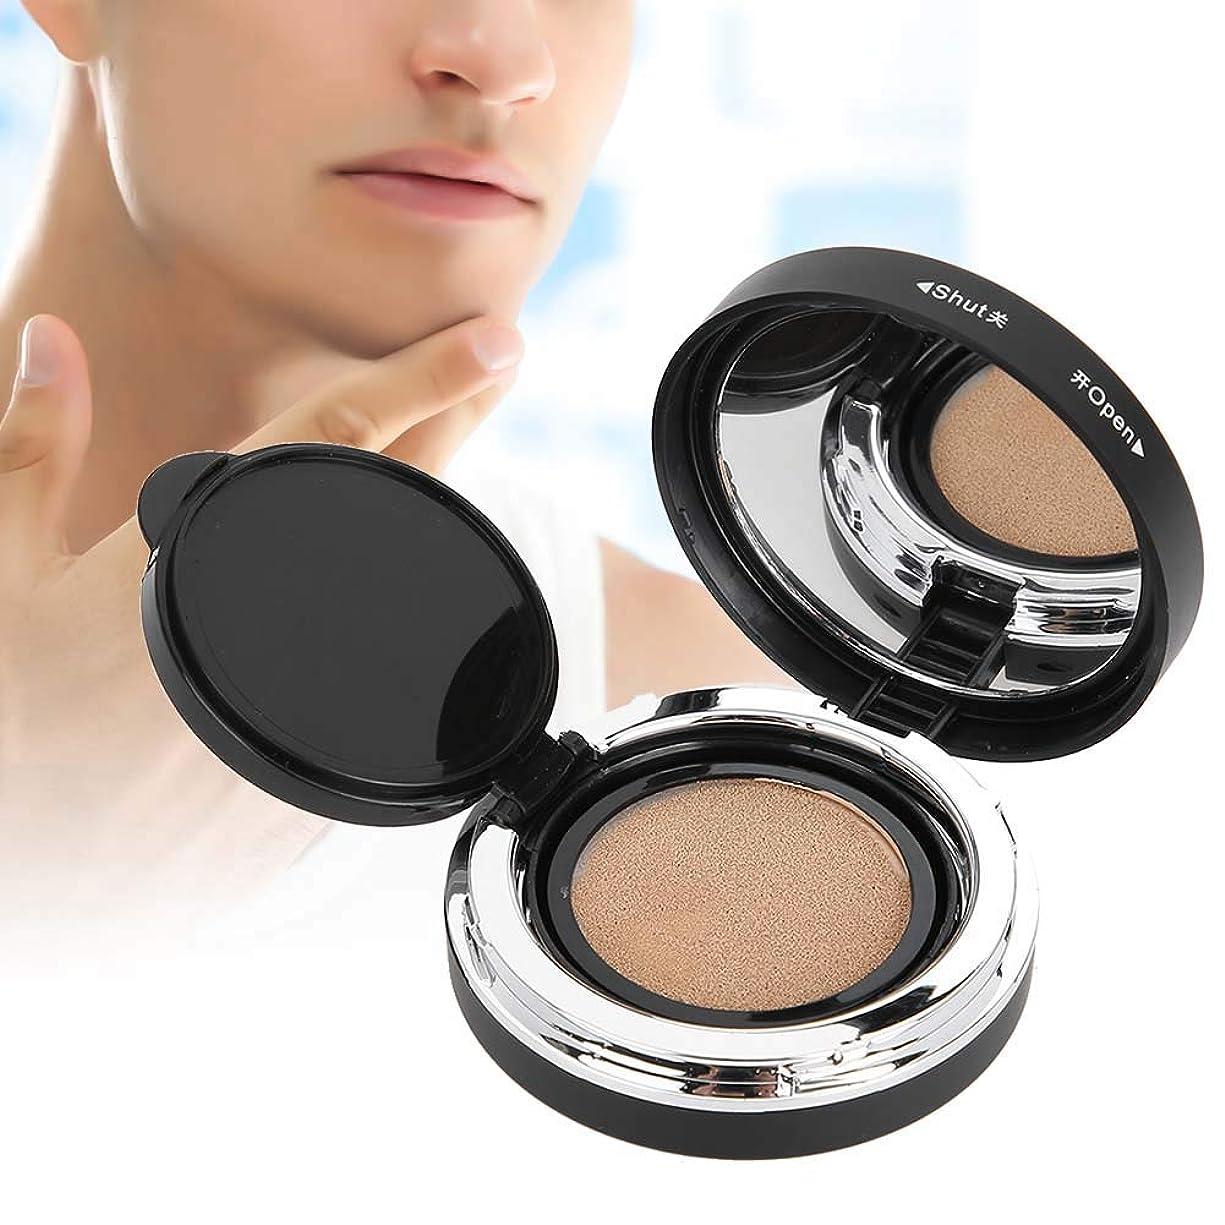 に対応する潜む眼BBクリーム メンズ ファンデーションオイルコントロール コンシーラー 修理 保湿/青ひげ/クマ 隠しに最適 日焼け止め 基礎化粧